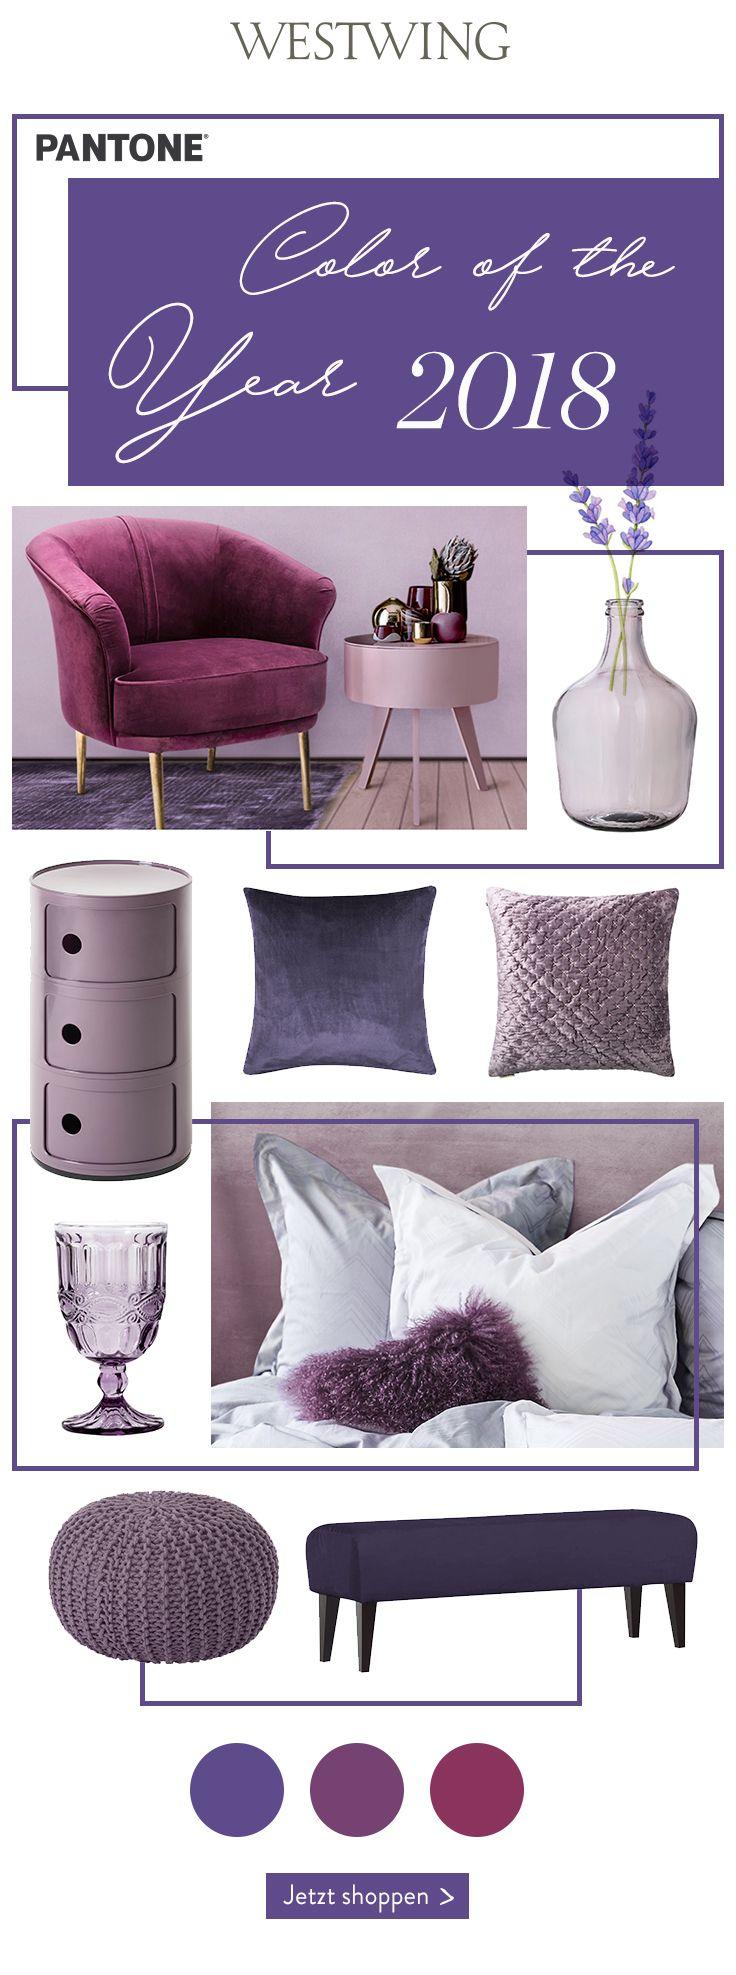 Innenarchitektur wohnzimmer lila pantone color  ultra violett die trendfarbe des jahres steht